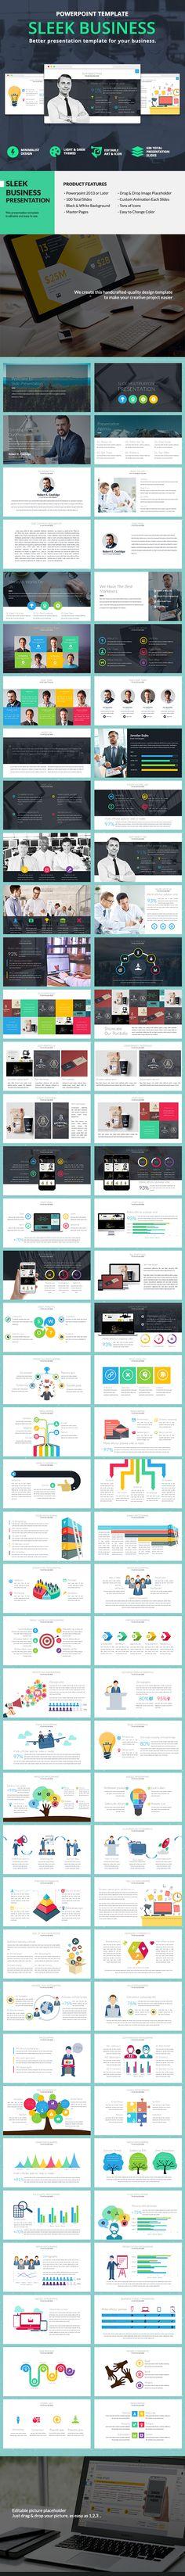 Vostro Powerpoint Presentation Template Powerpoint Presentation